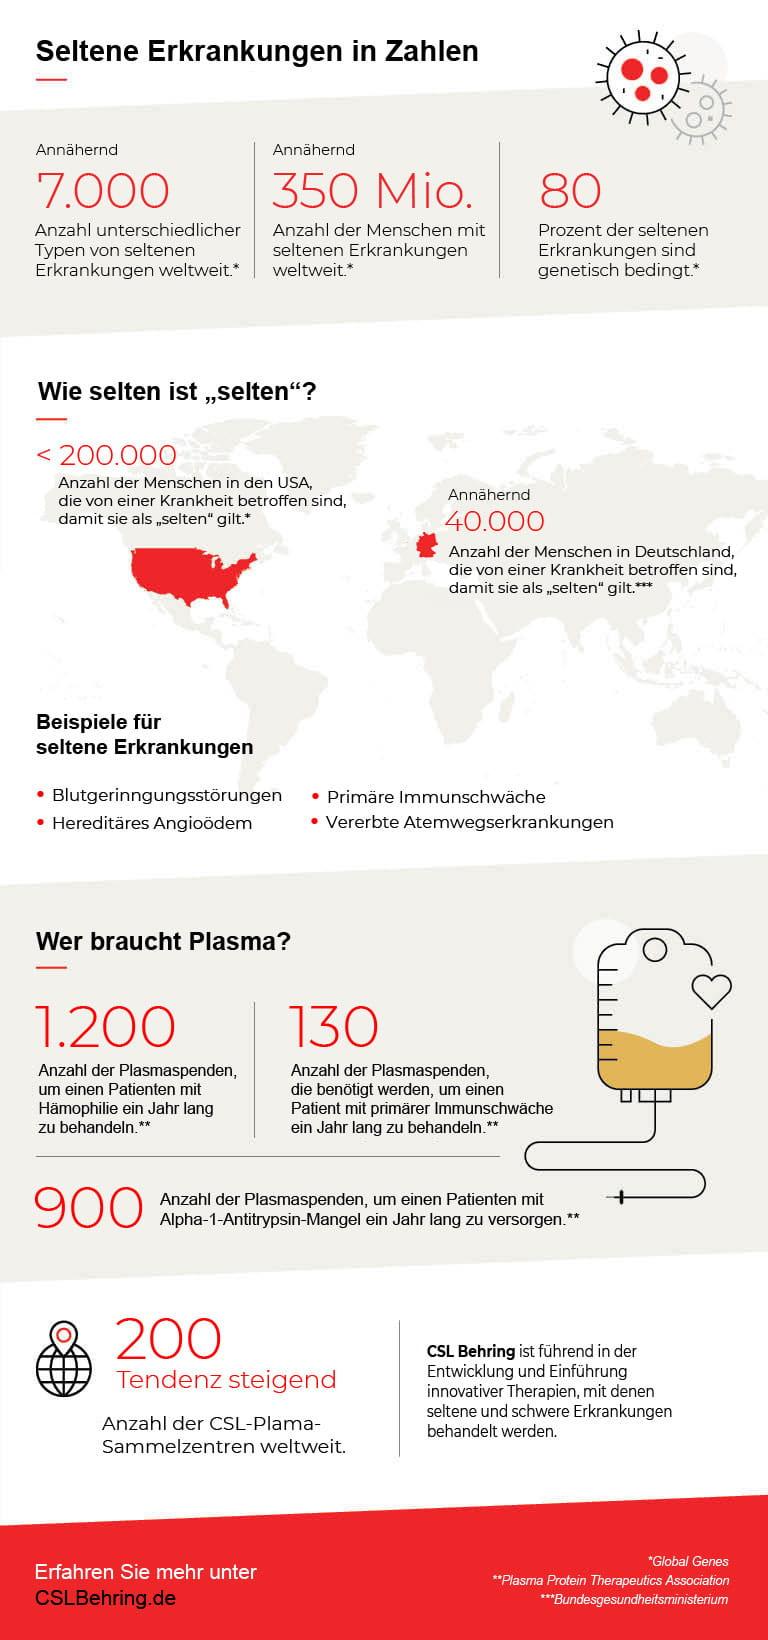 Infografik zu seltenen Erkrankungen